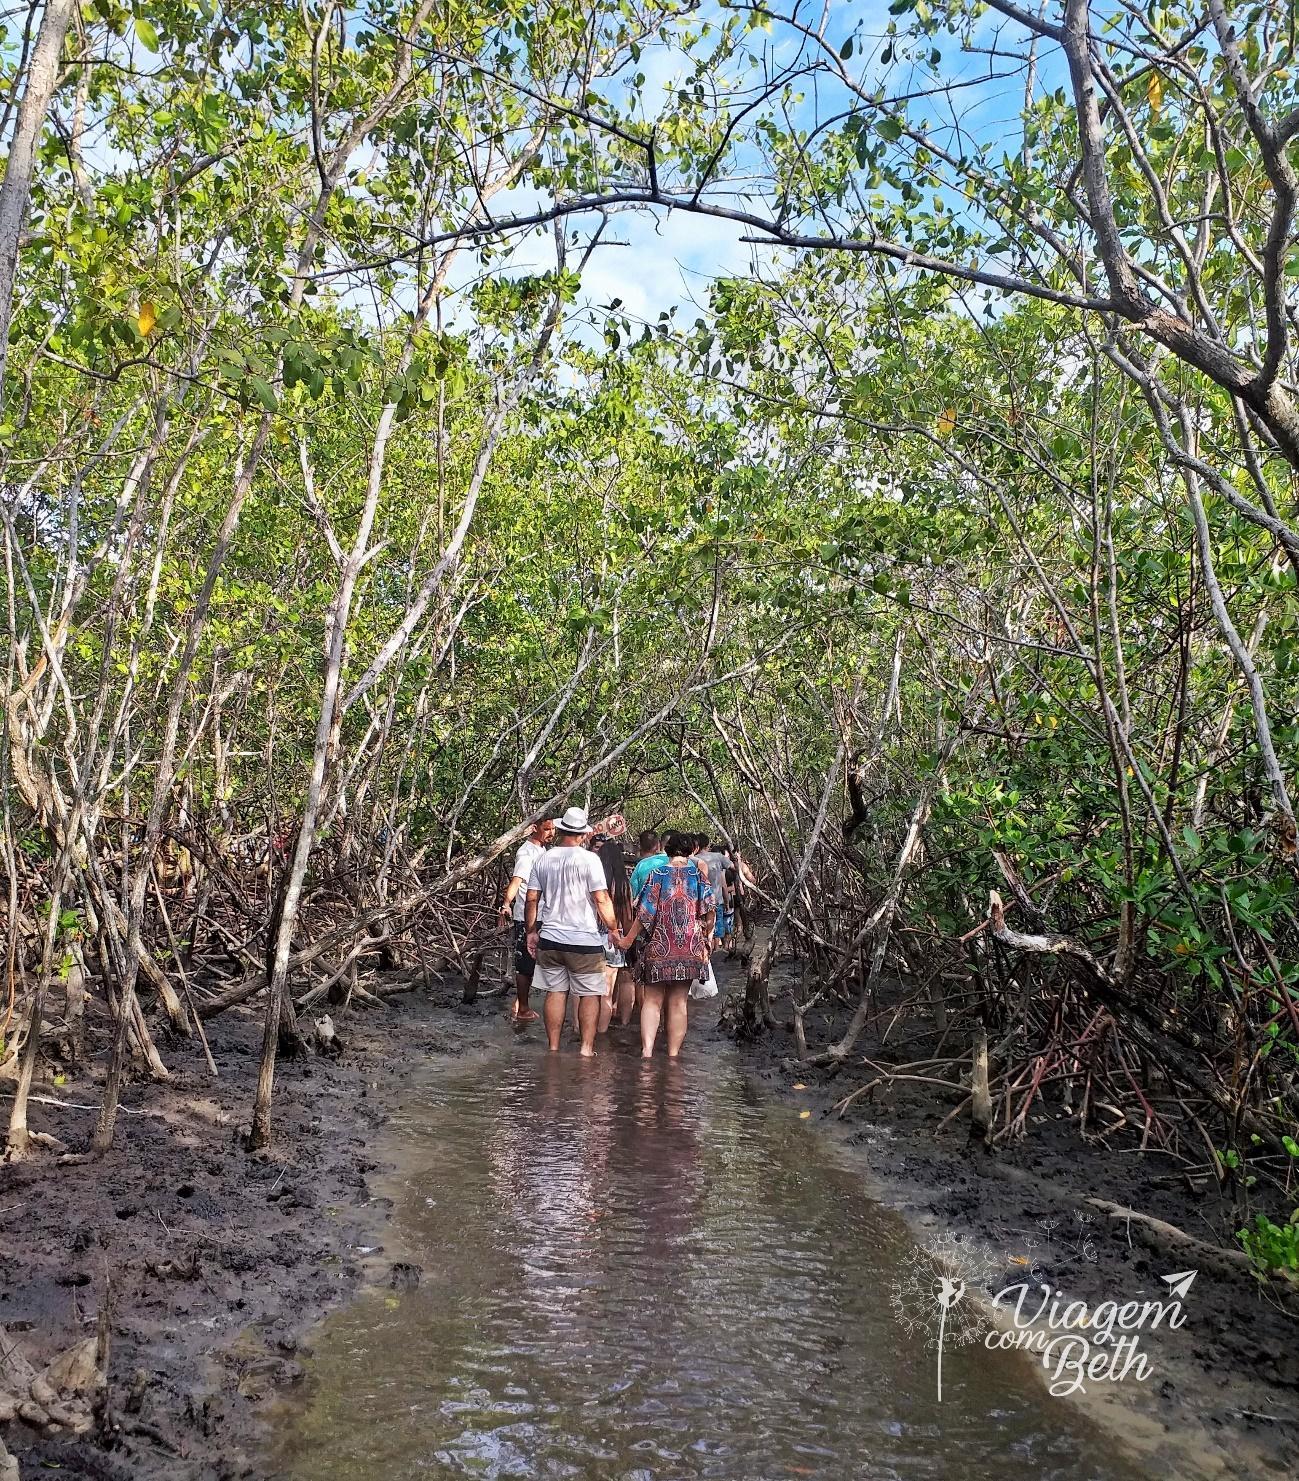 Banho de lama na ilha do sol SANTA CRUZ DE CABRÁLIA